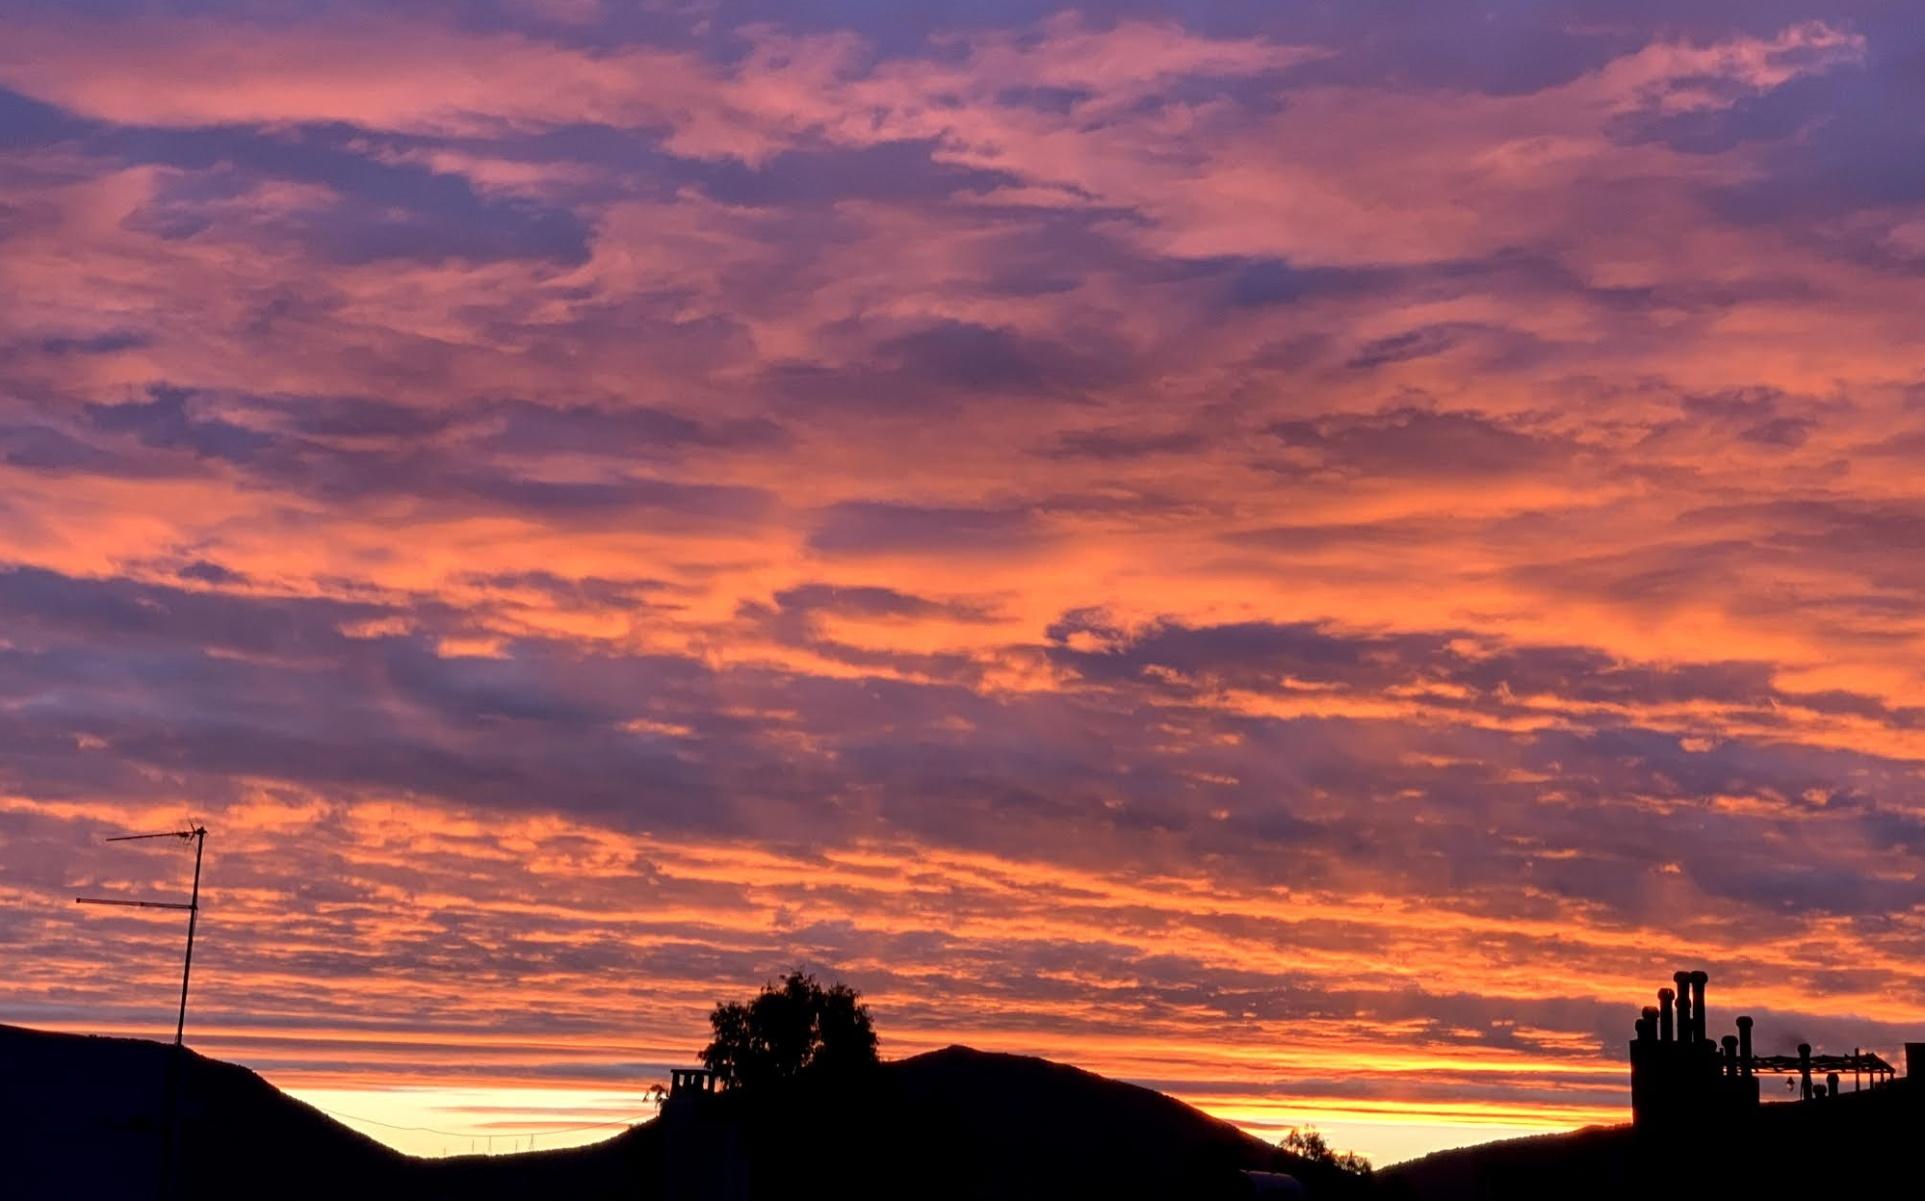 Καιρός – Χαλκίδα: Για ποιό λόγο ο ουρανός πήρε χρώμα φωτιάς (pics)